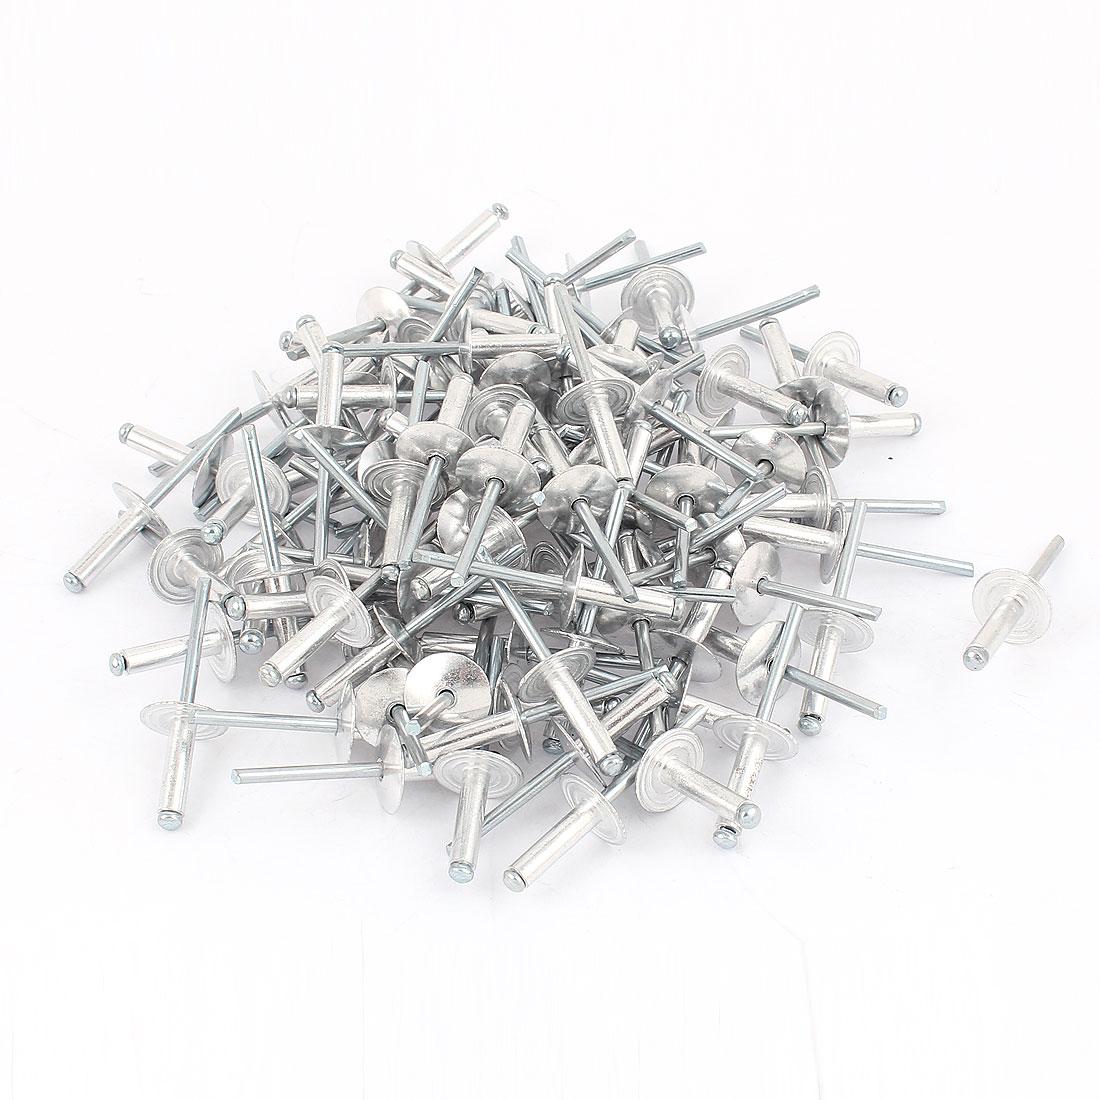 100Pcs 5mm x 18mm Aluminium Open End Dome Head Blind Pop Rivets